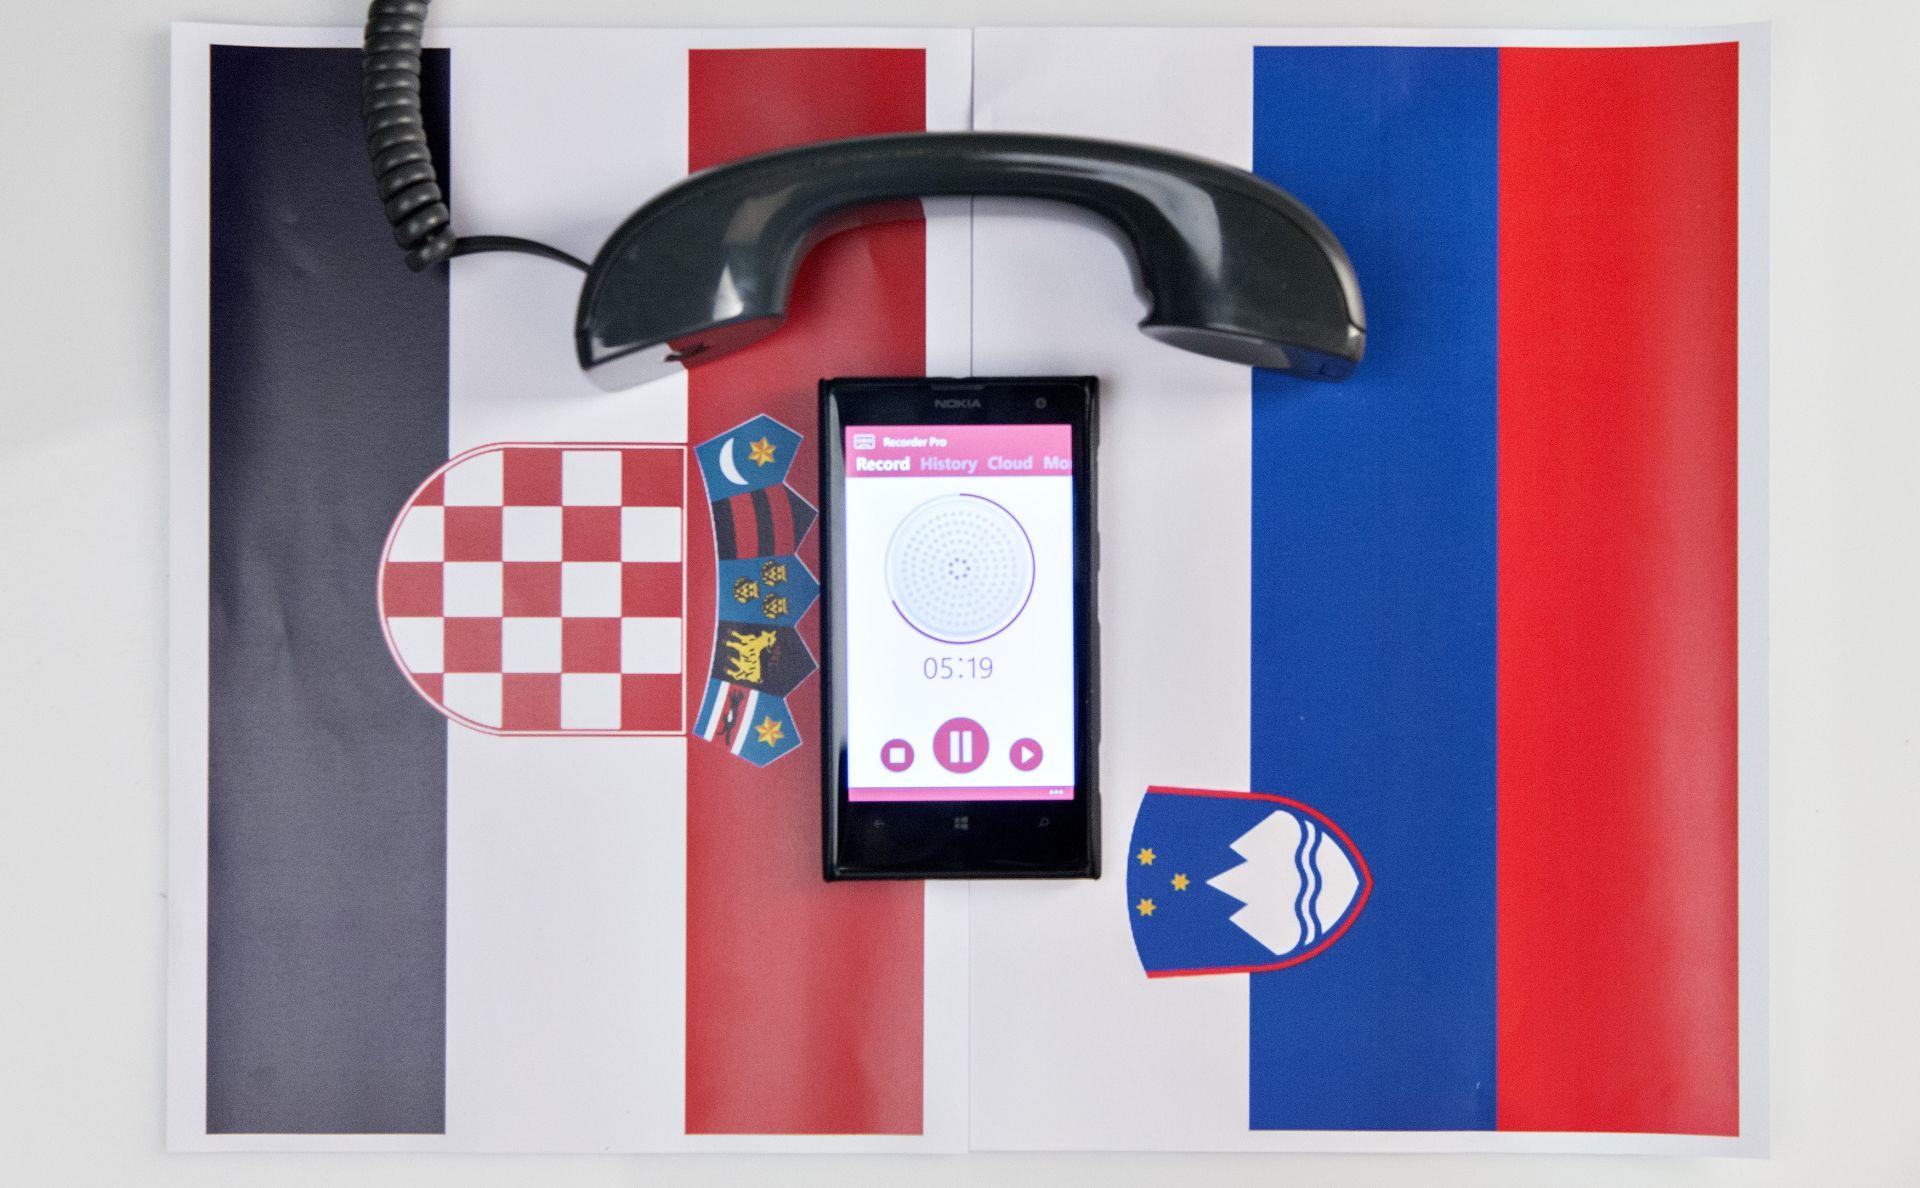 HAZU: Povrijeđen arbitražni sporazum, očuvati hrvatski nacionalni interes